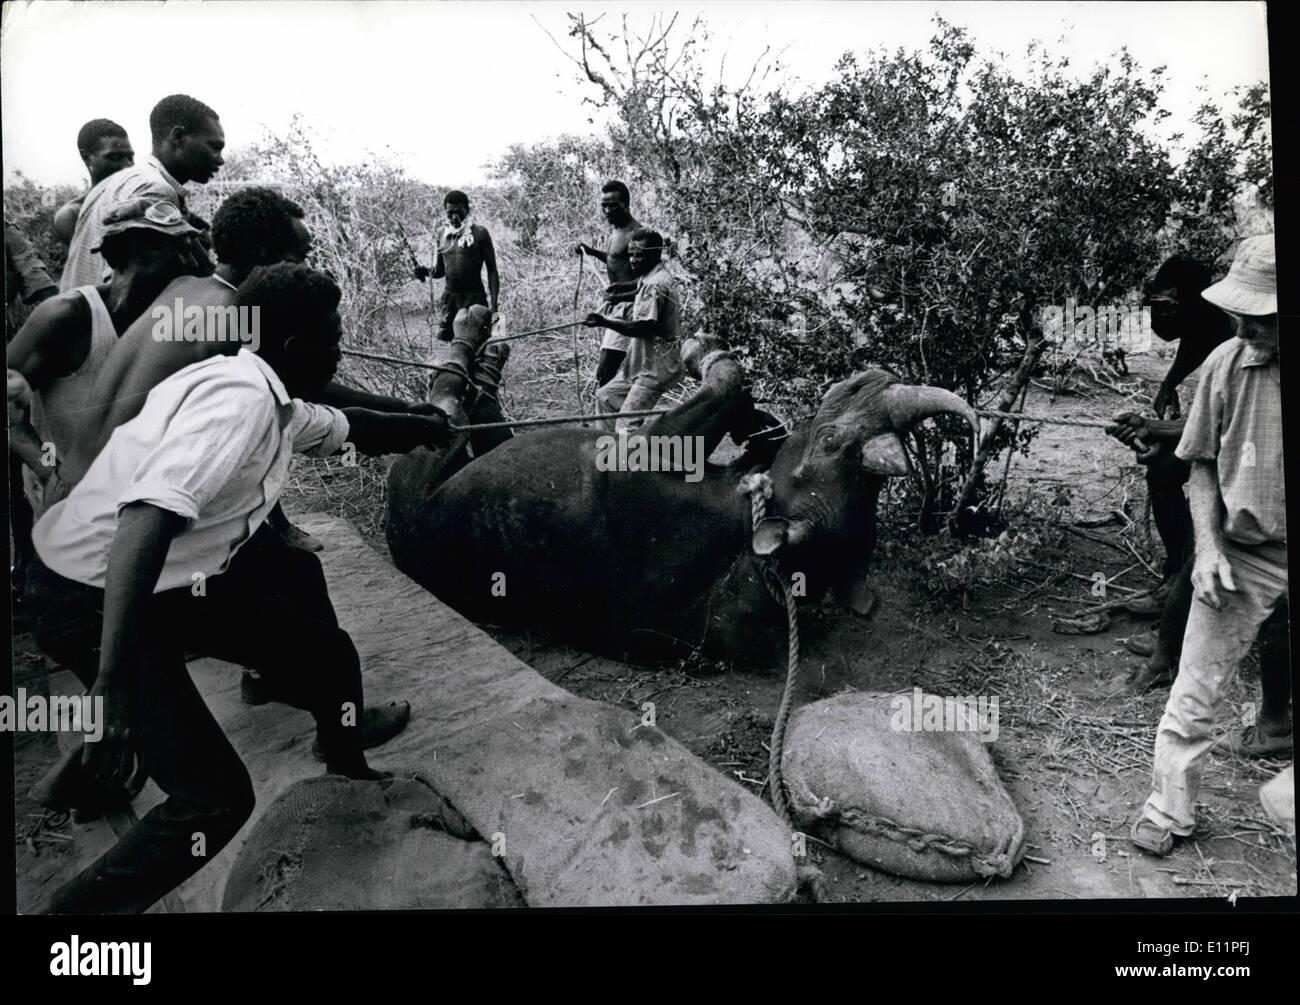 Agosto 08, 1979 - Transocation en la década del '60, fue financiado por la Sociedad de Vida Silvestre de África Oriental y World Wildlife F Imagen De Stock